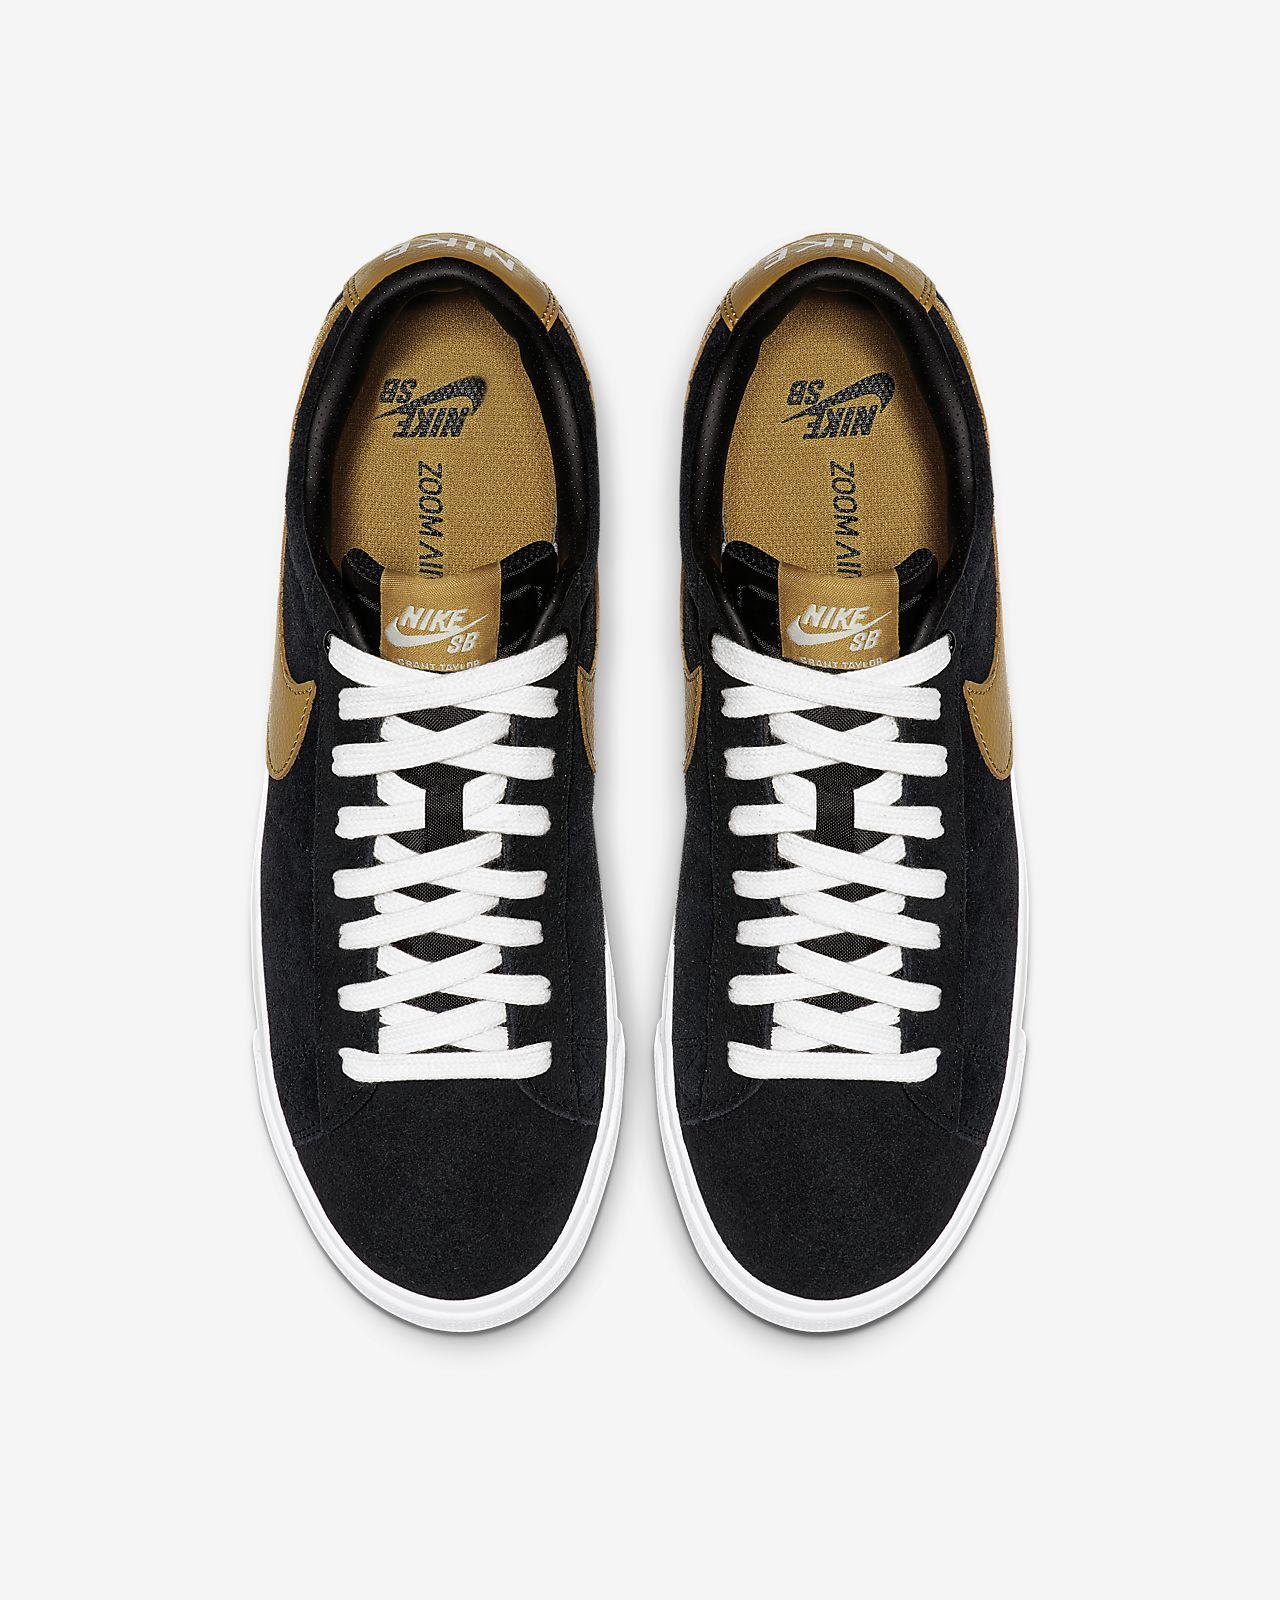 Buty do skateboardingu Nike SB Blazer Low GT